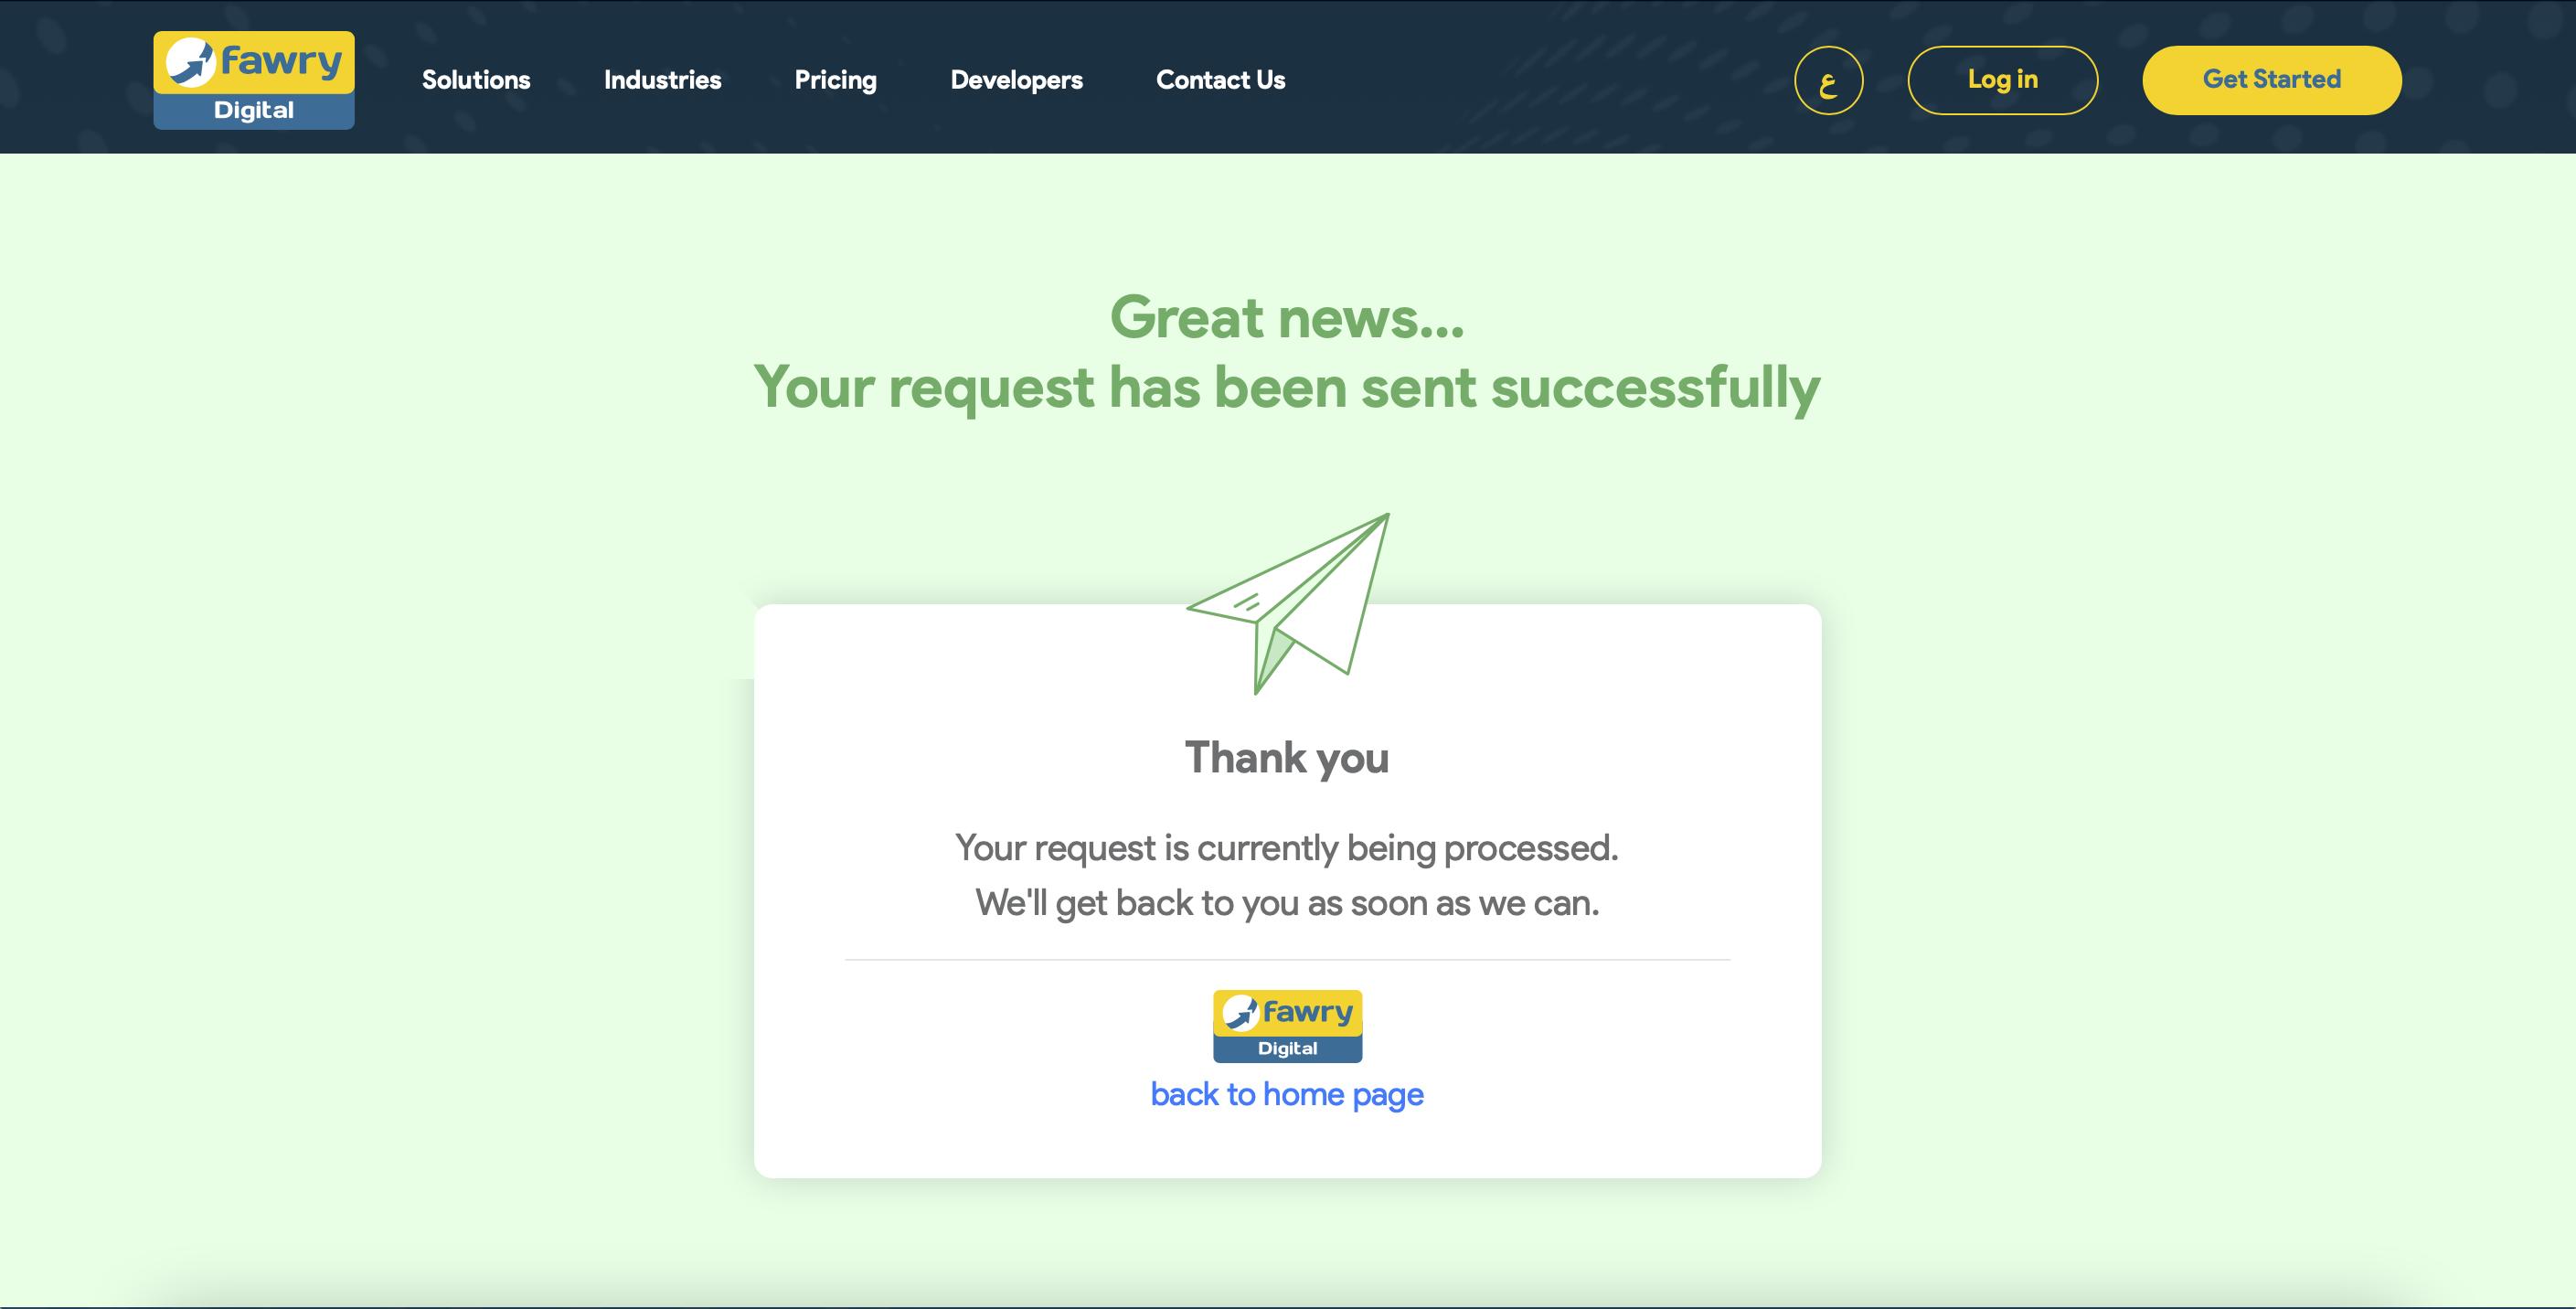 Fawry Digital Account Confirmation